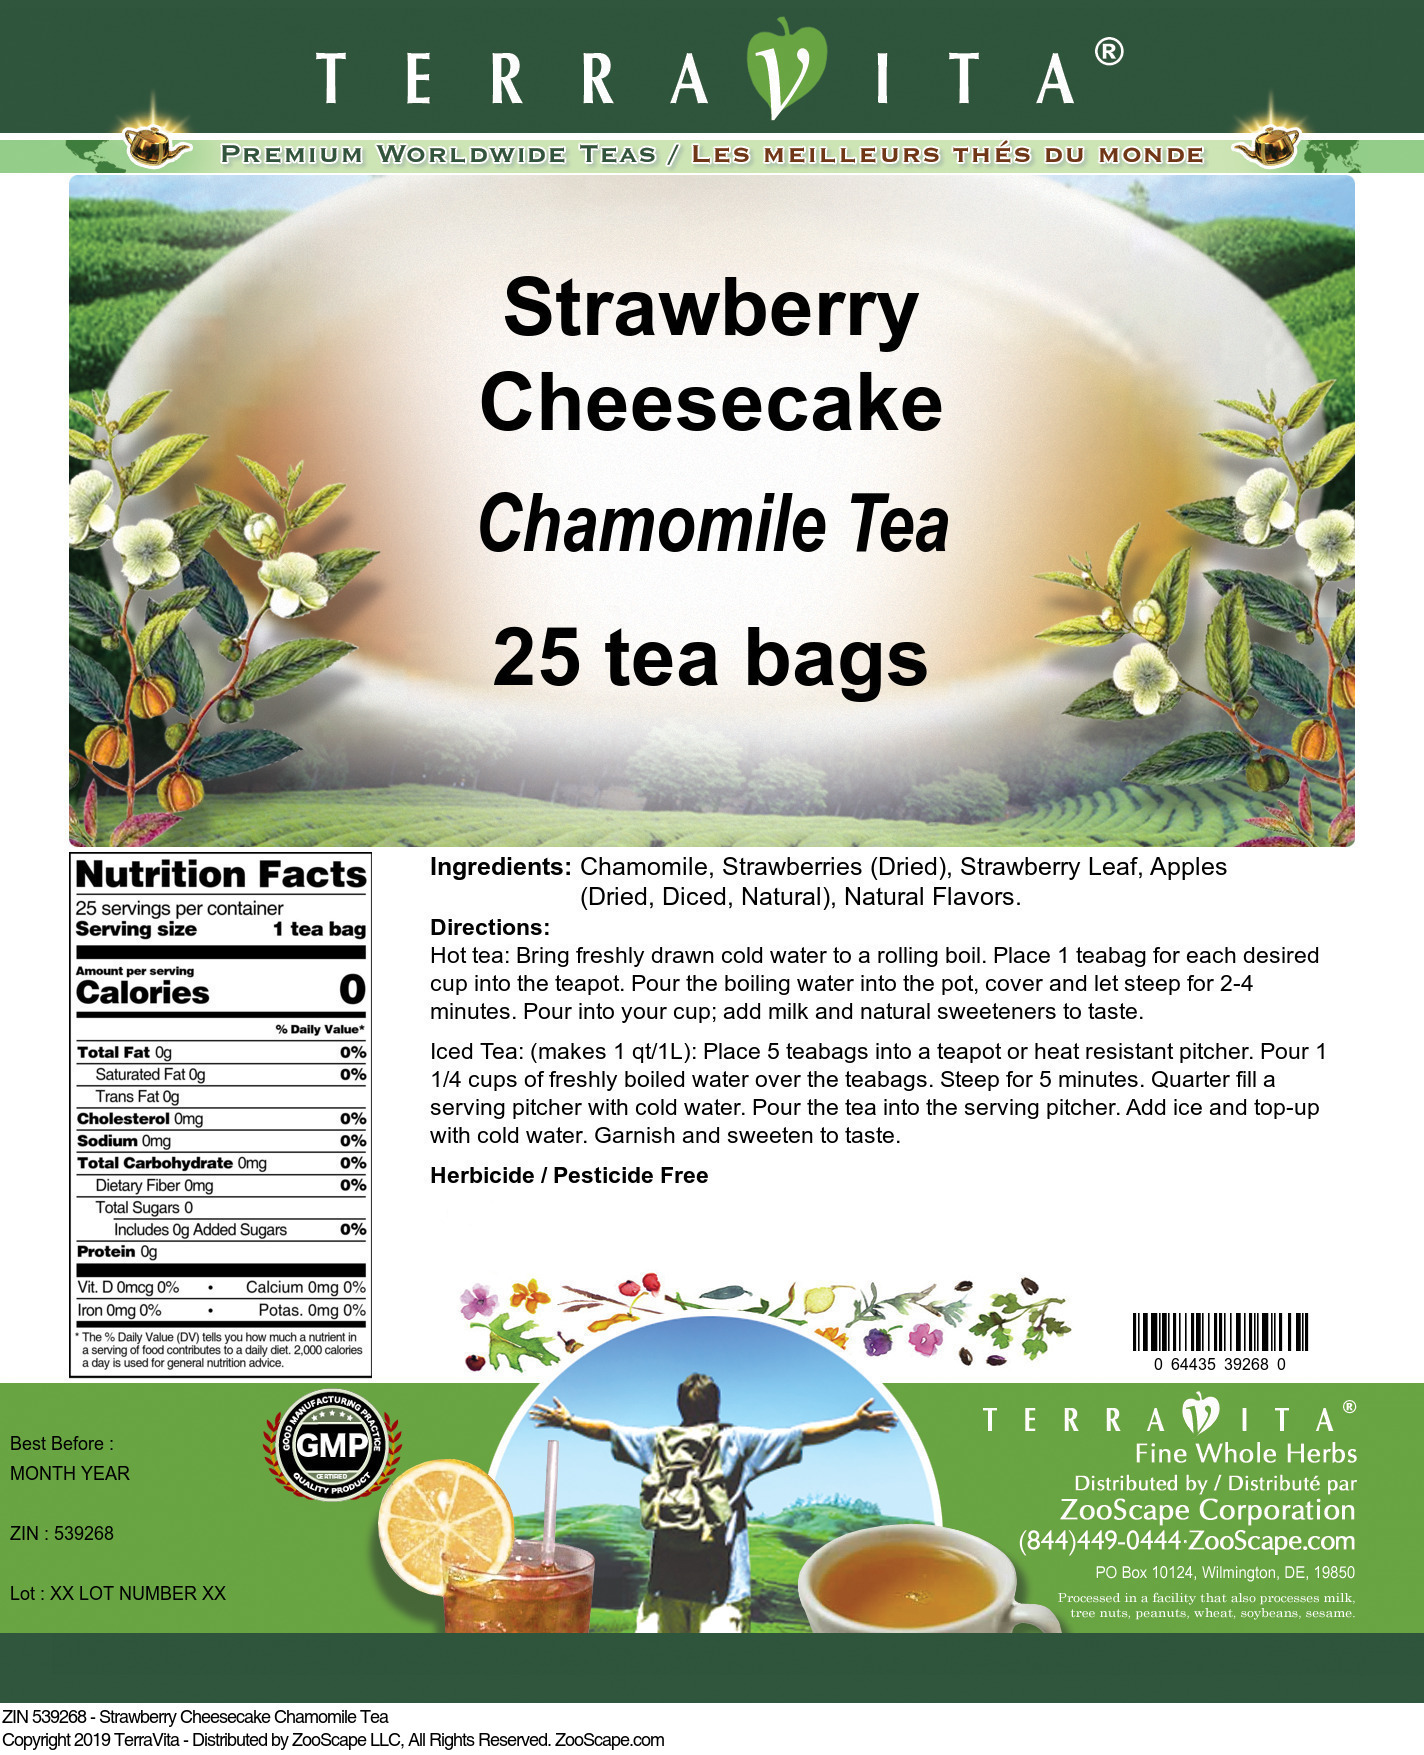 Strawberry Cheesecake Chamomile Tea